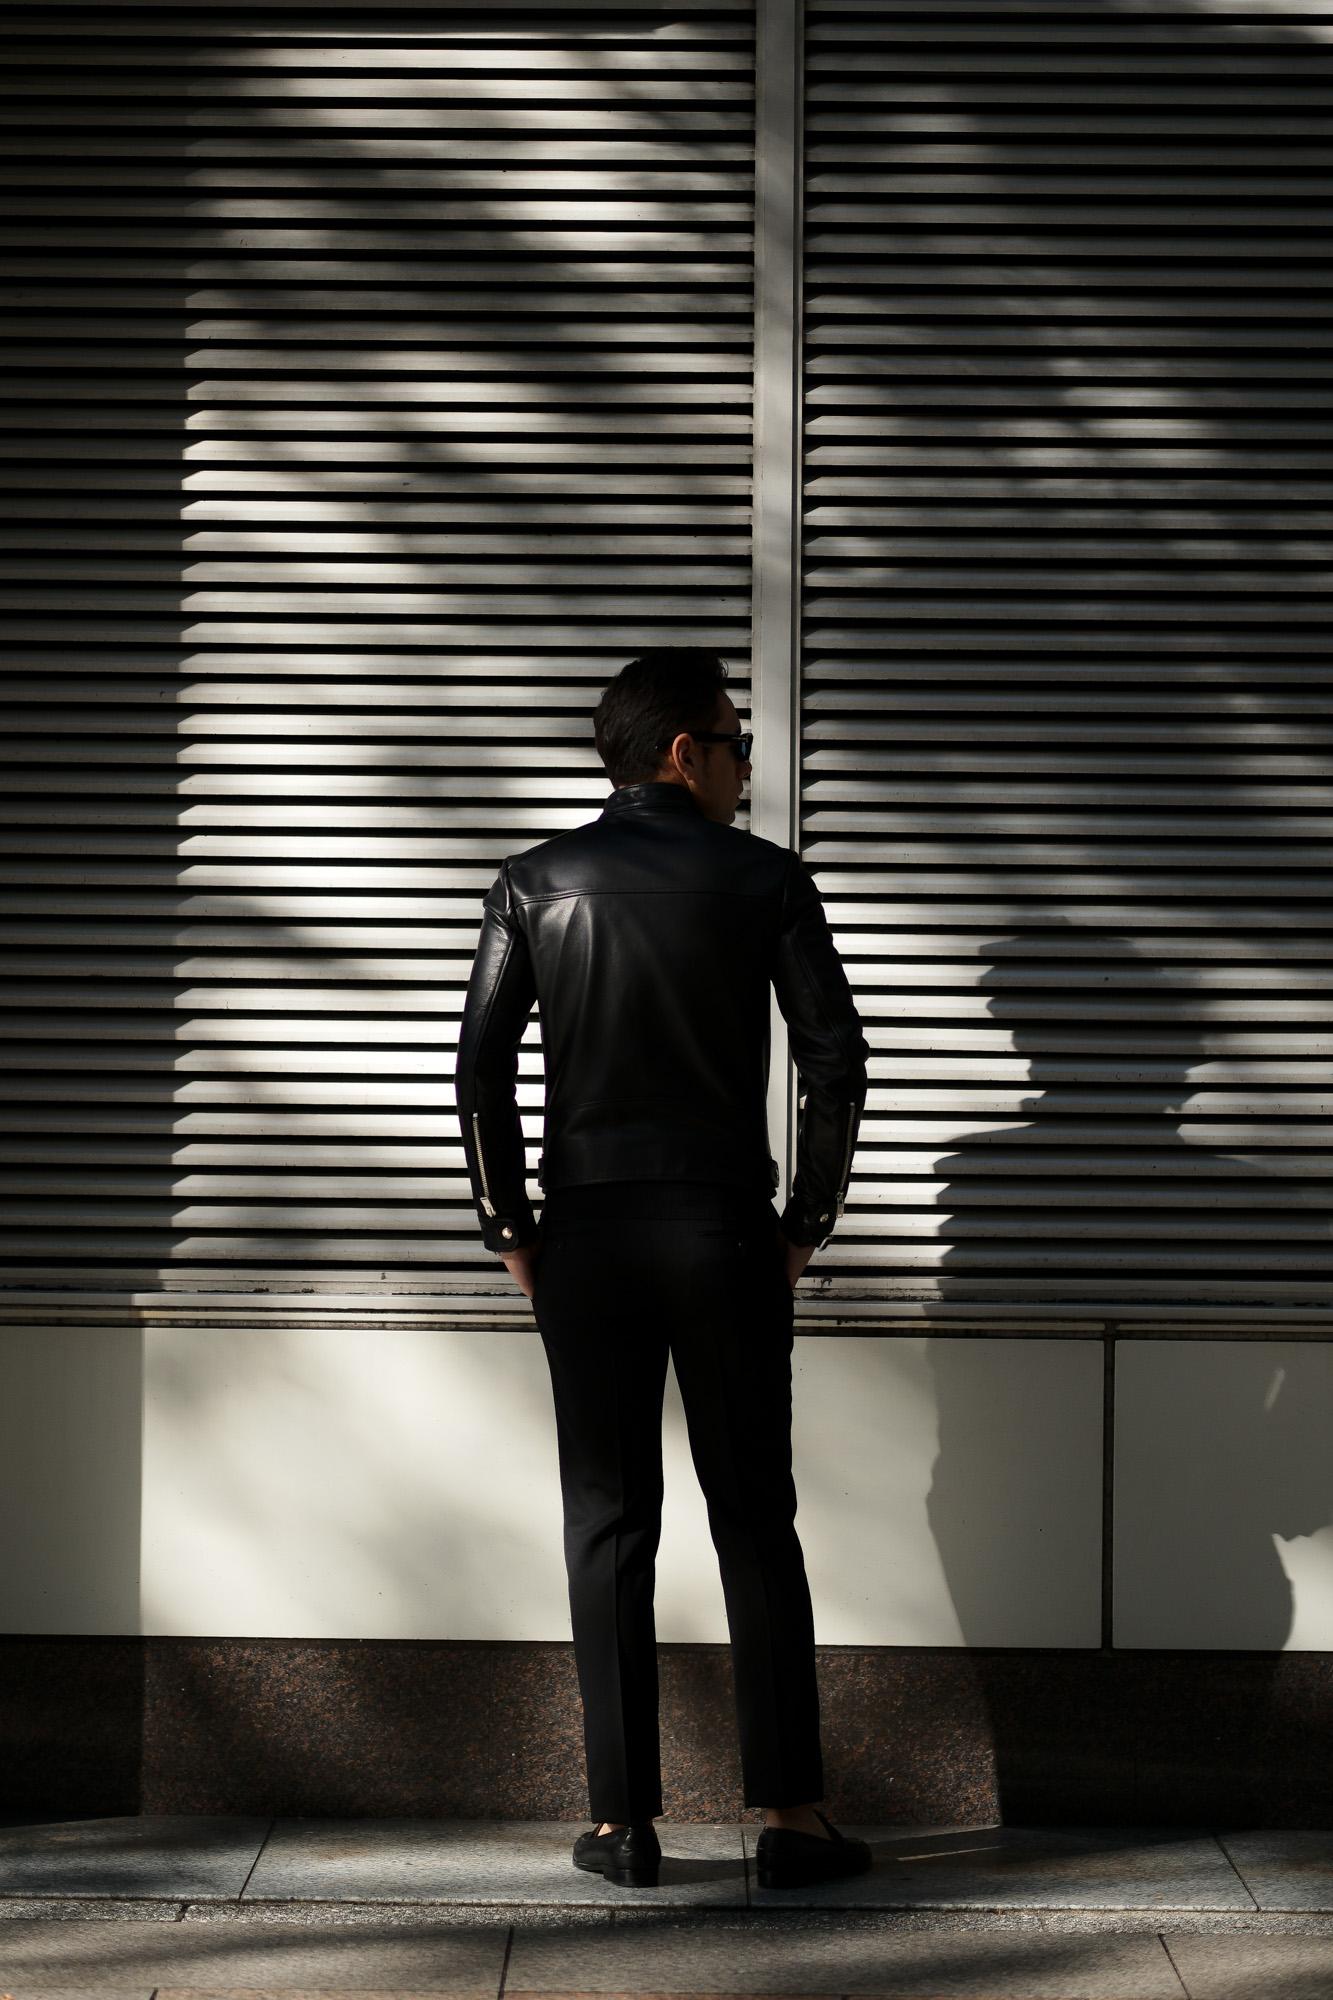 FIXER(フィクサー) F1(エフワン) DOUBLE RIDERS Cow Leather ダブルライダース ジャケット BLACK(ブラック) 【ご予約開始】【2019.11.22(Fri)~2019.12.08(Sun)】愛知 名古屋 altoediritto アルトエデリット レザージャケット